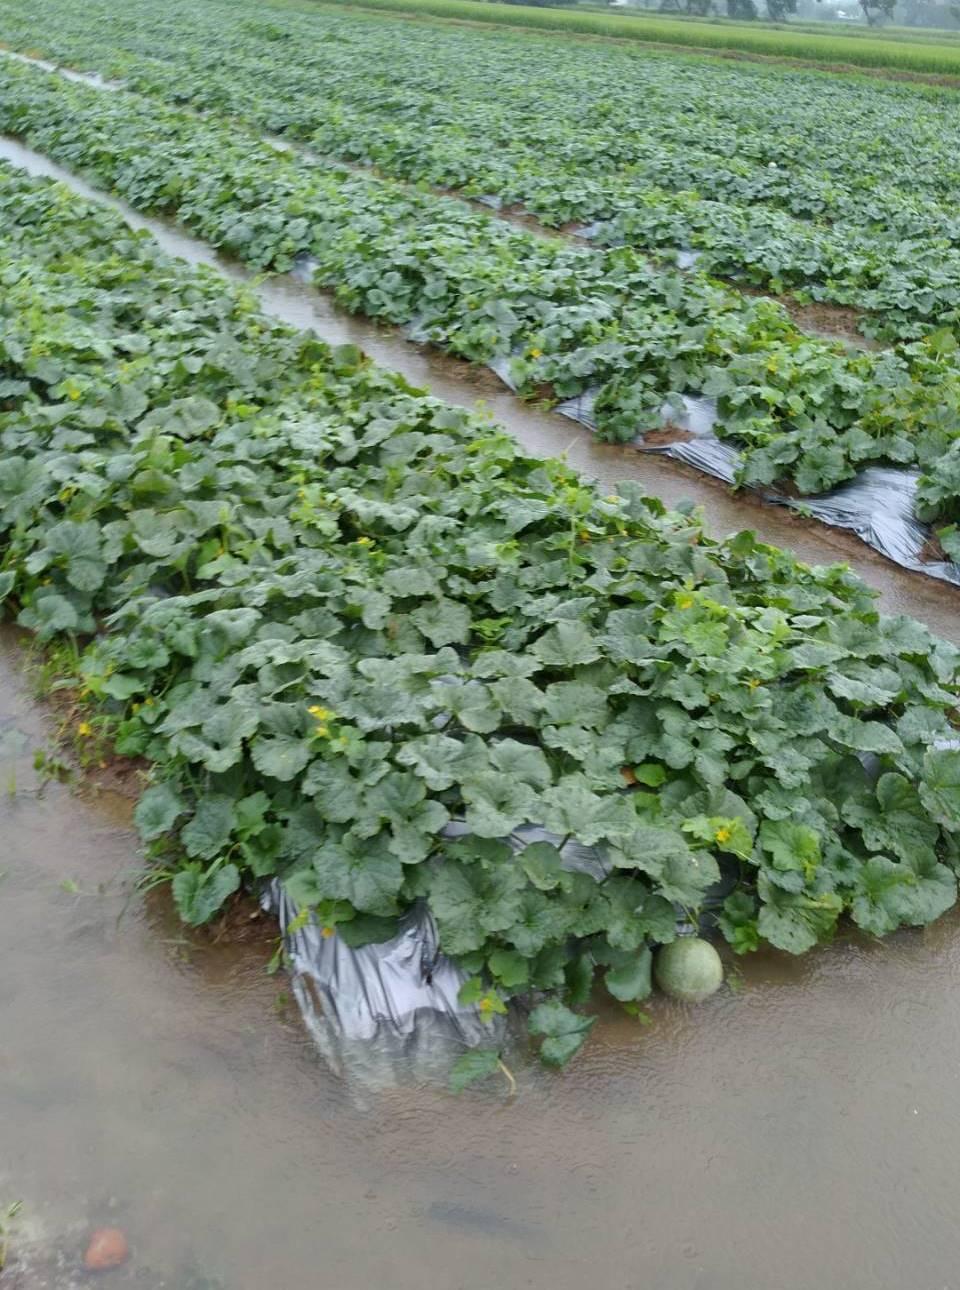 新豐鄉的農業特產洋香瓜、西瓜及哈蜜瓜的瓜田,因大雨轟炸而嚴重積水。圖/讀者提供